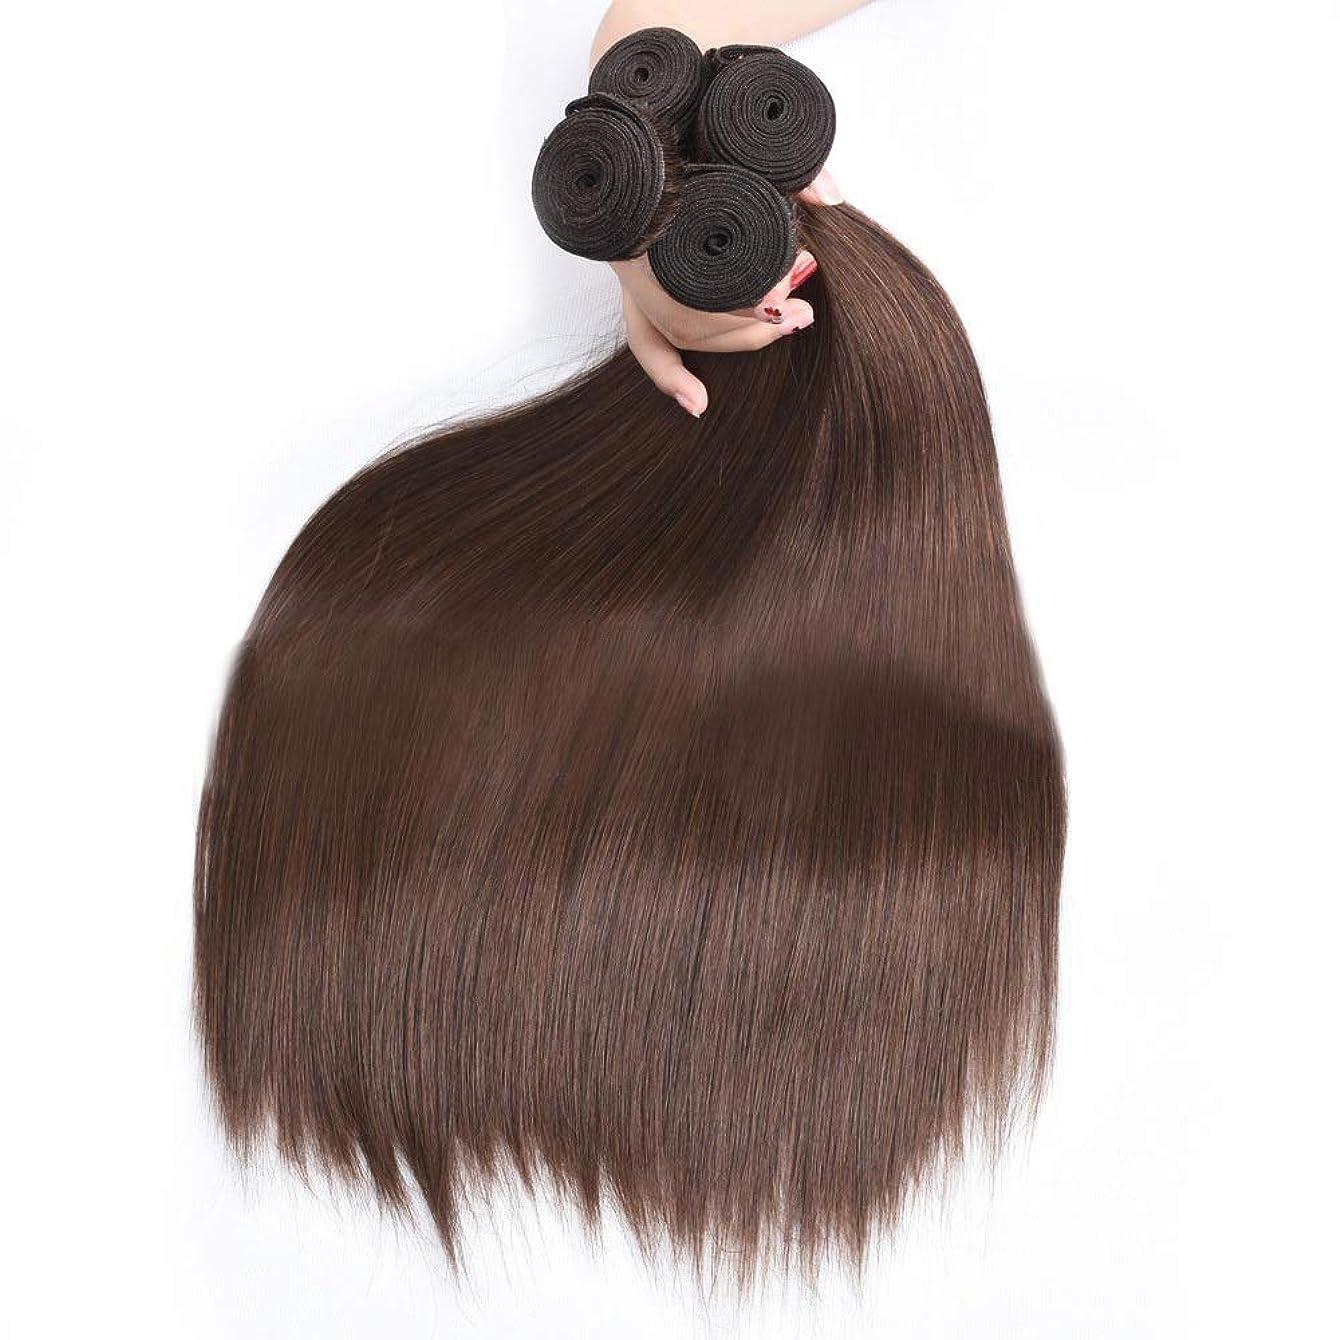 代数メンテナンス空いているBOBIDYEE 絹のようなストレートの髪の束ブラジルのストレート本物の人間の髪の毛の拡張子#4ブラウン色ナチュラルルッキング(1バンドル、10-28インチ)女性用合成かつらレースかつらロールプレイングかつら (色 : ブラウン, サイズ : 26 inch)